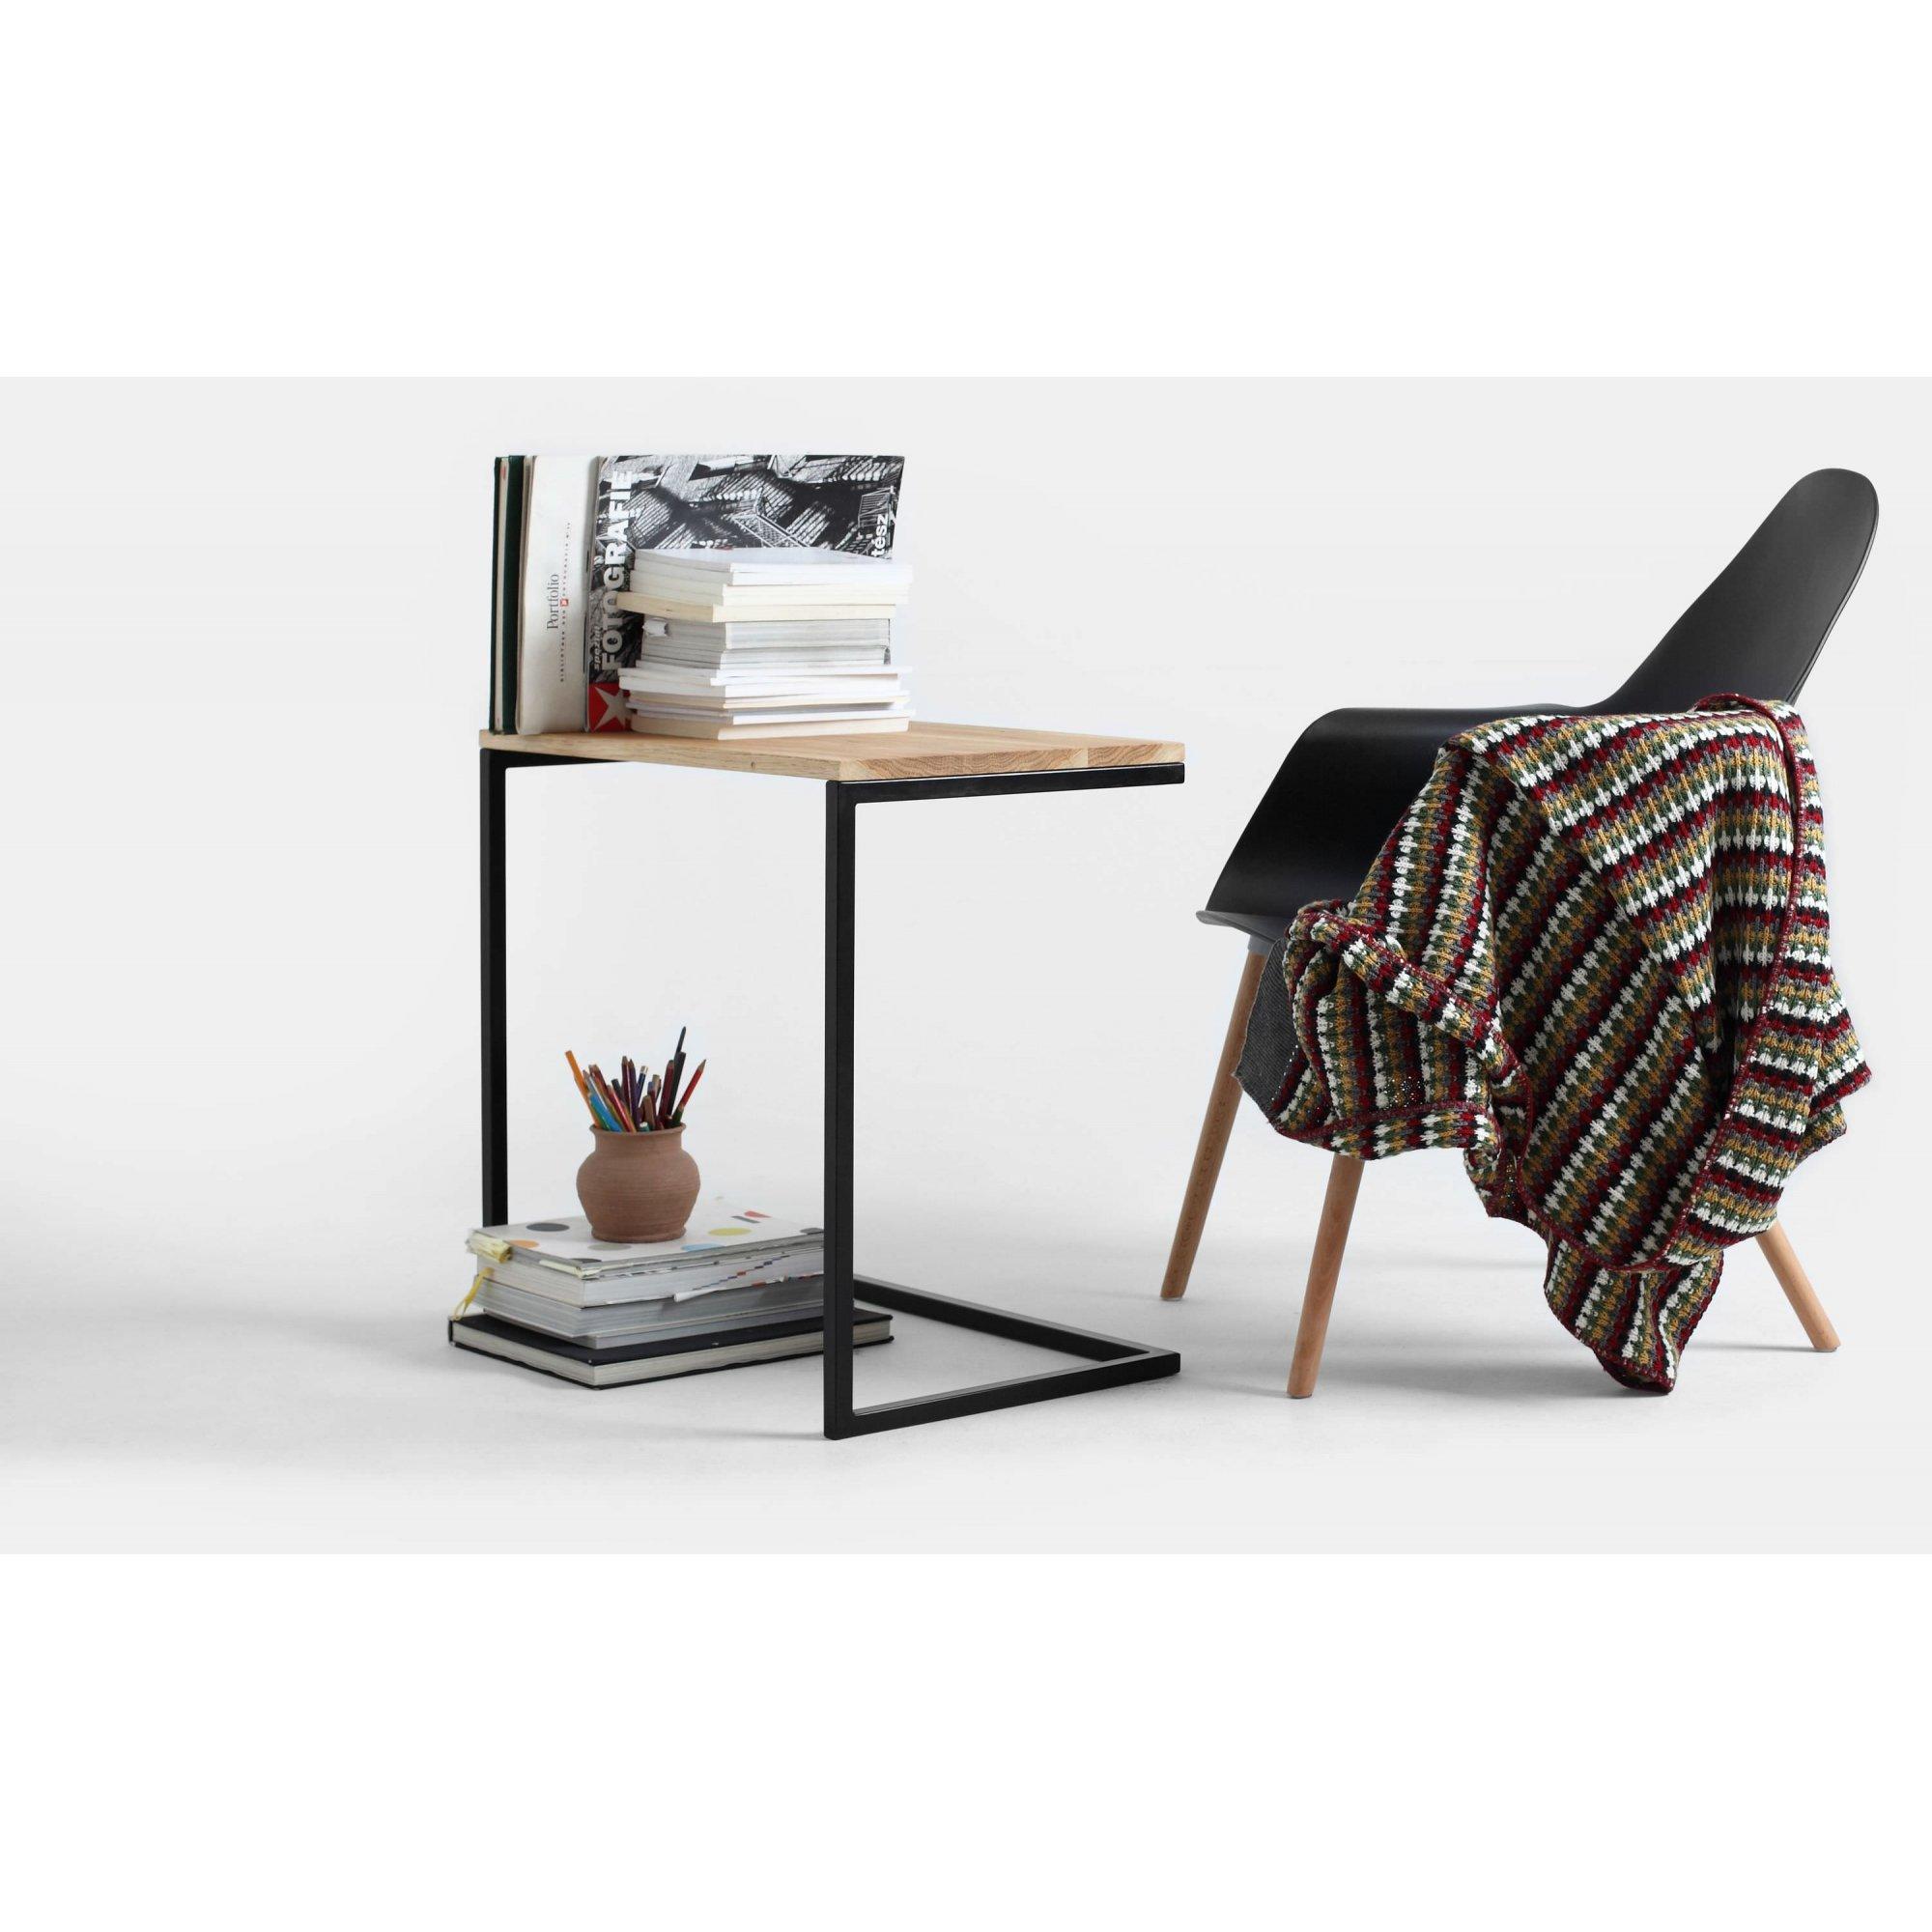 Table basse rectangulaire métal noir et bois chene massif